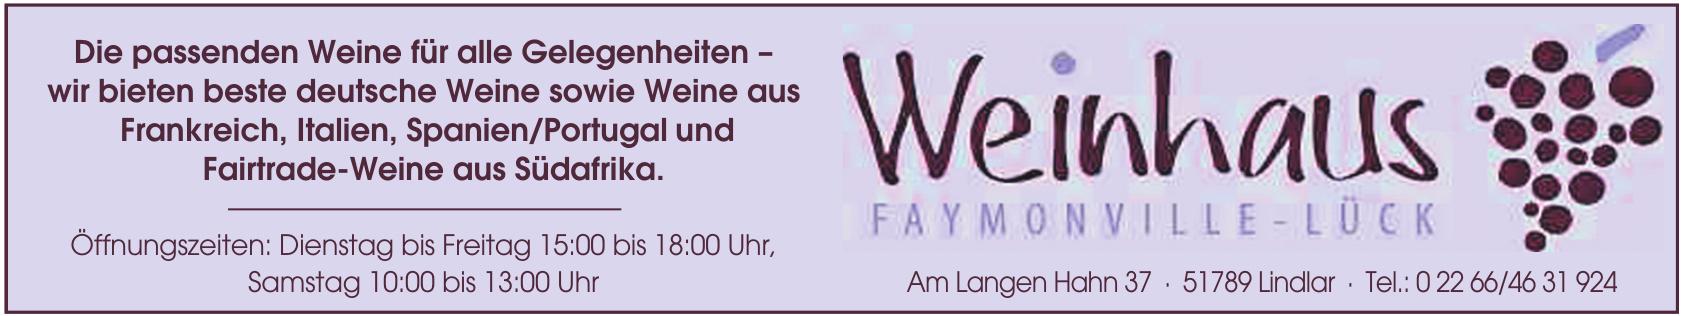 Weinhaus Faymonville-Lück